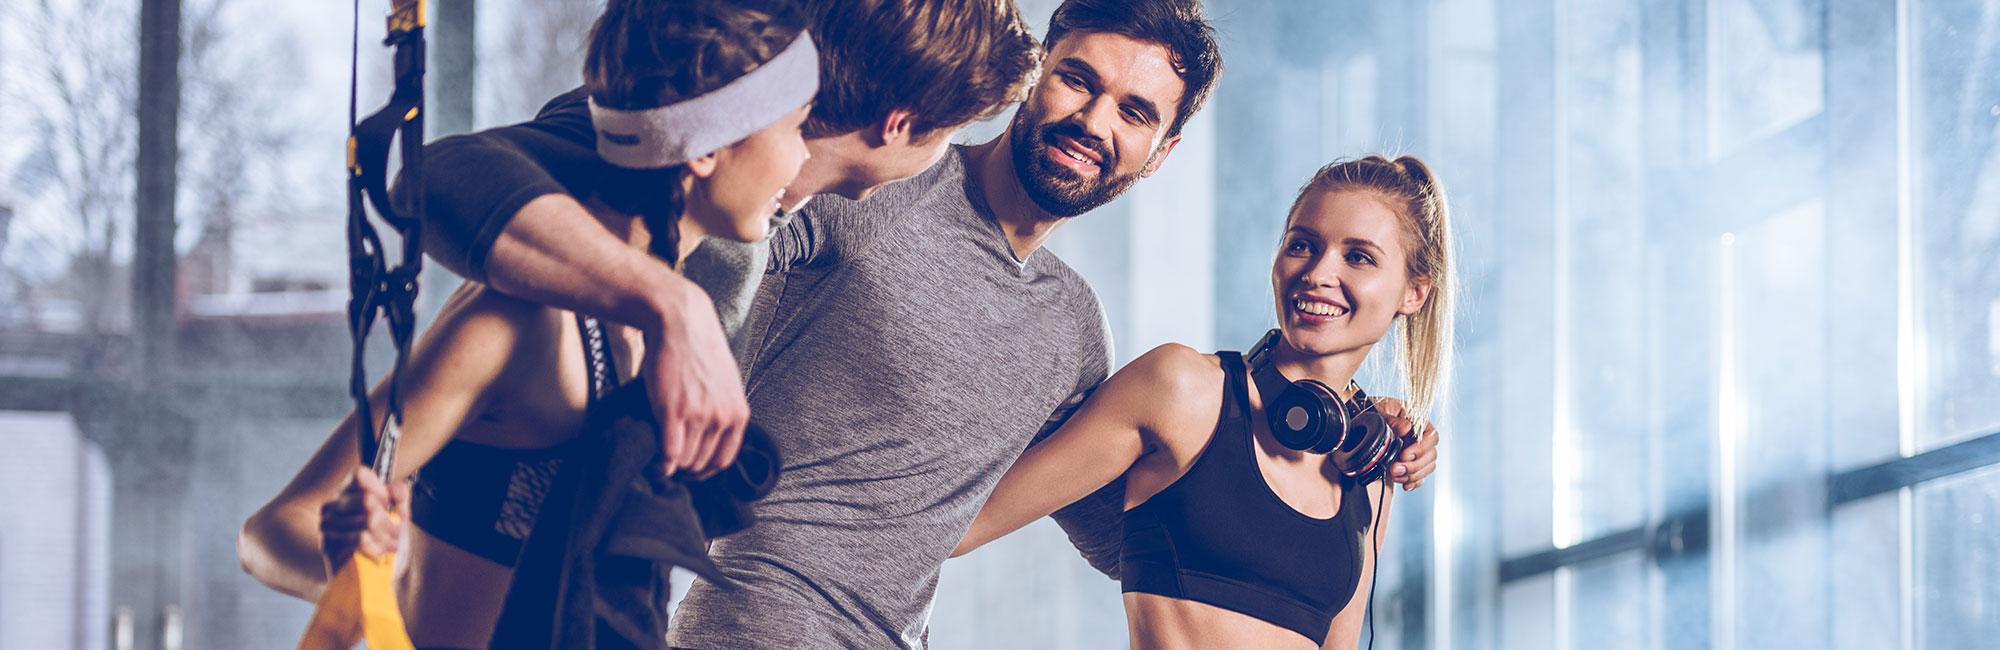 Gimnasios Dir El Mejor Fitness Con Precios A Tu Medida